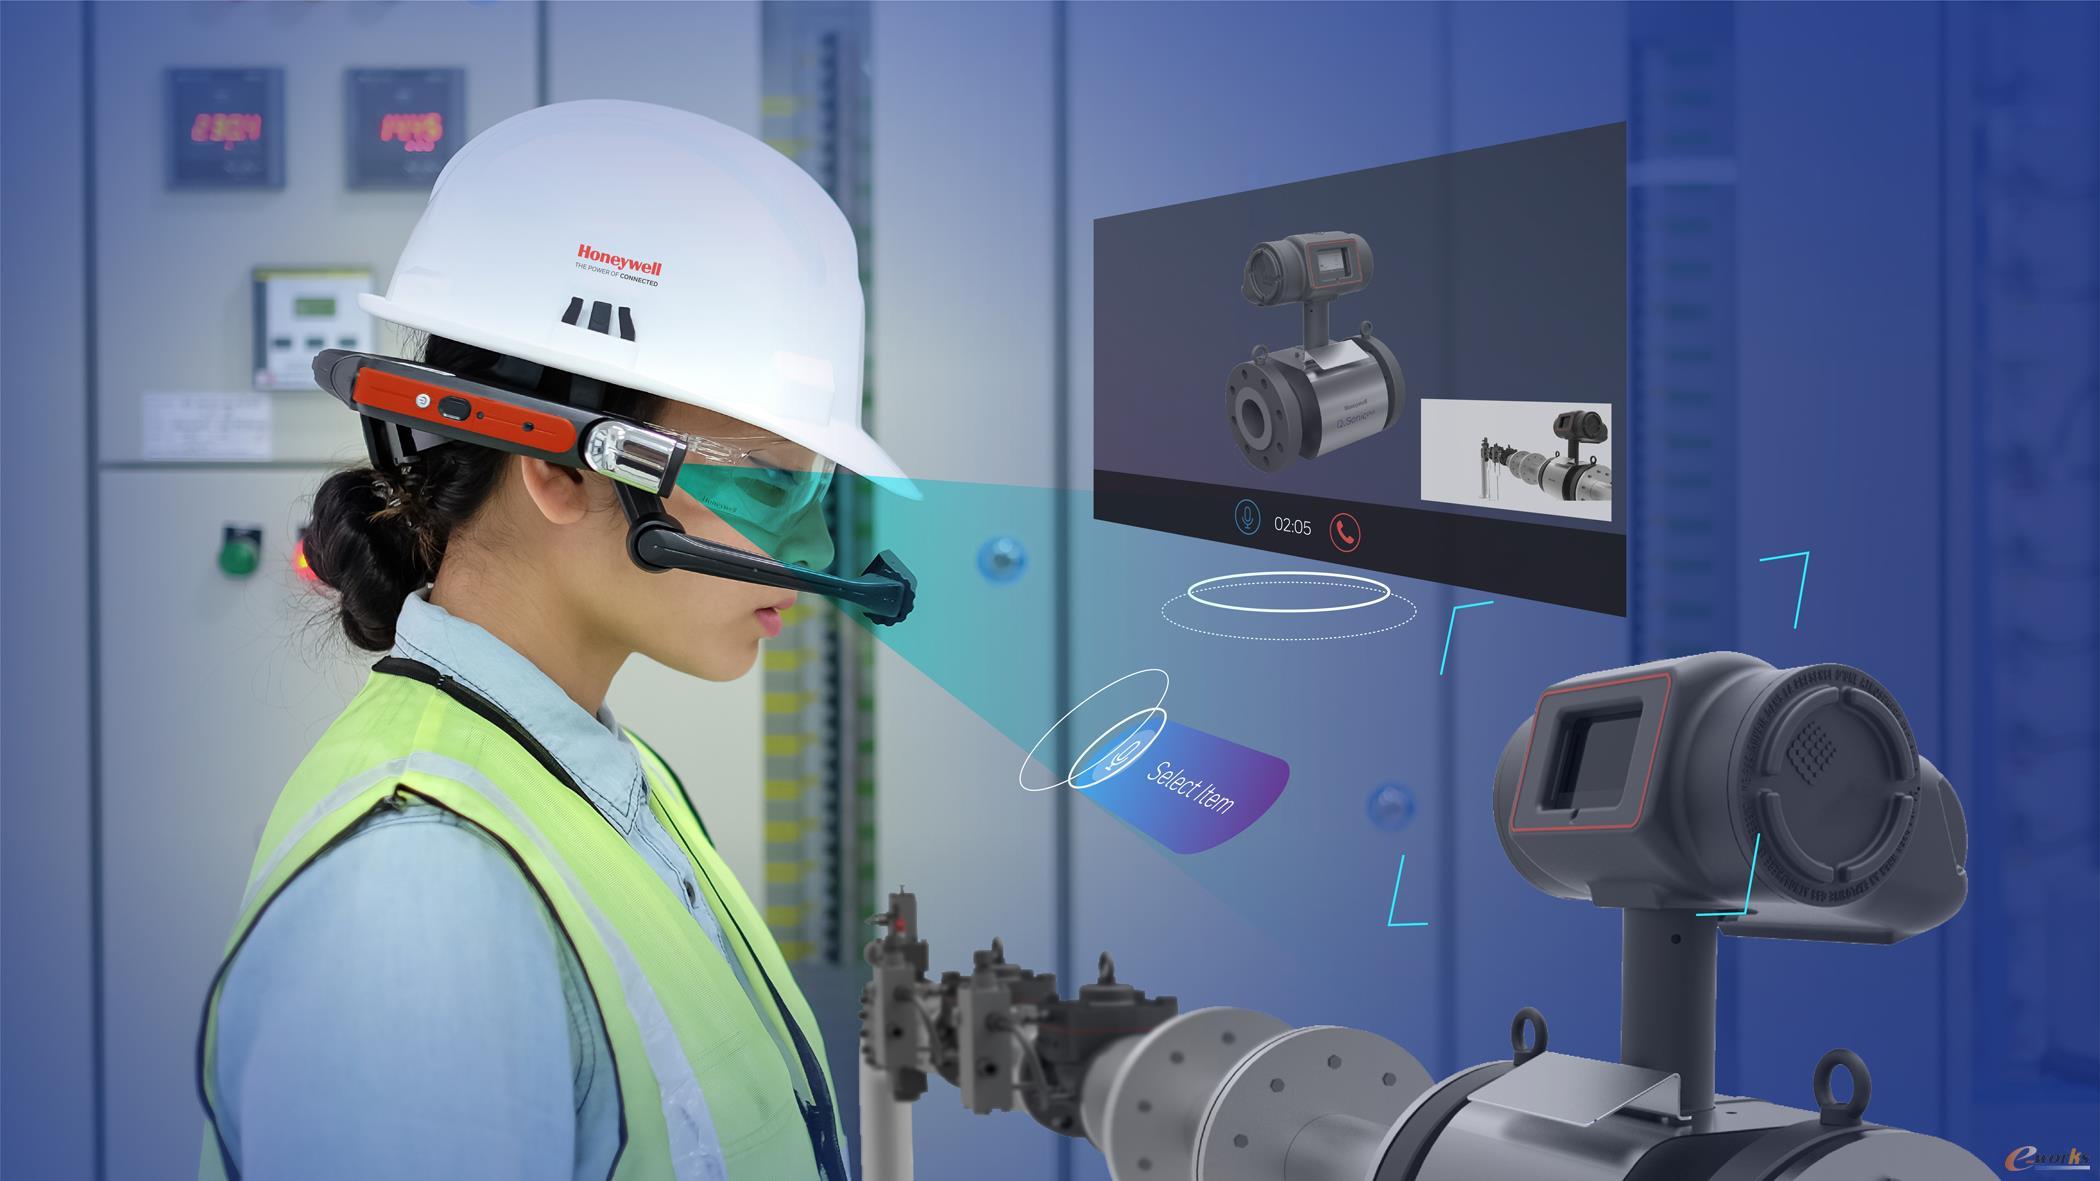 霍尼韦尔互联工厂Skills Insight智能穿戴设备